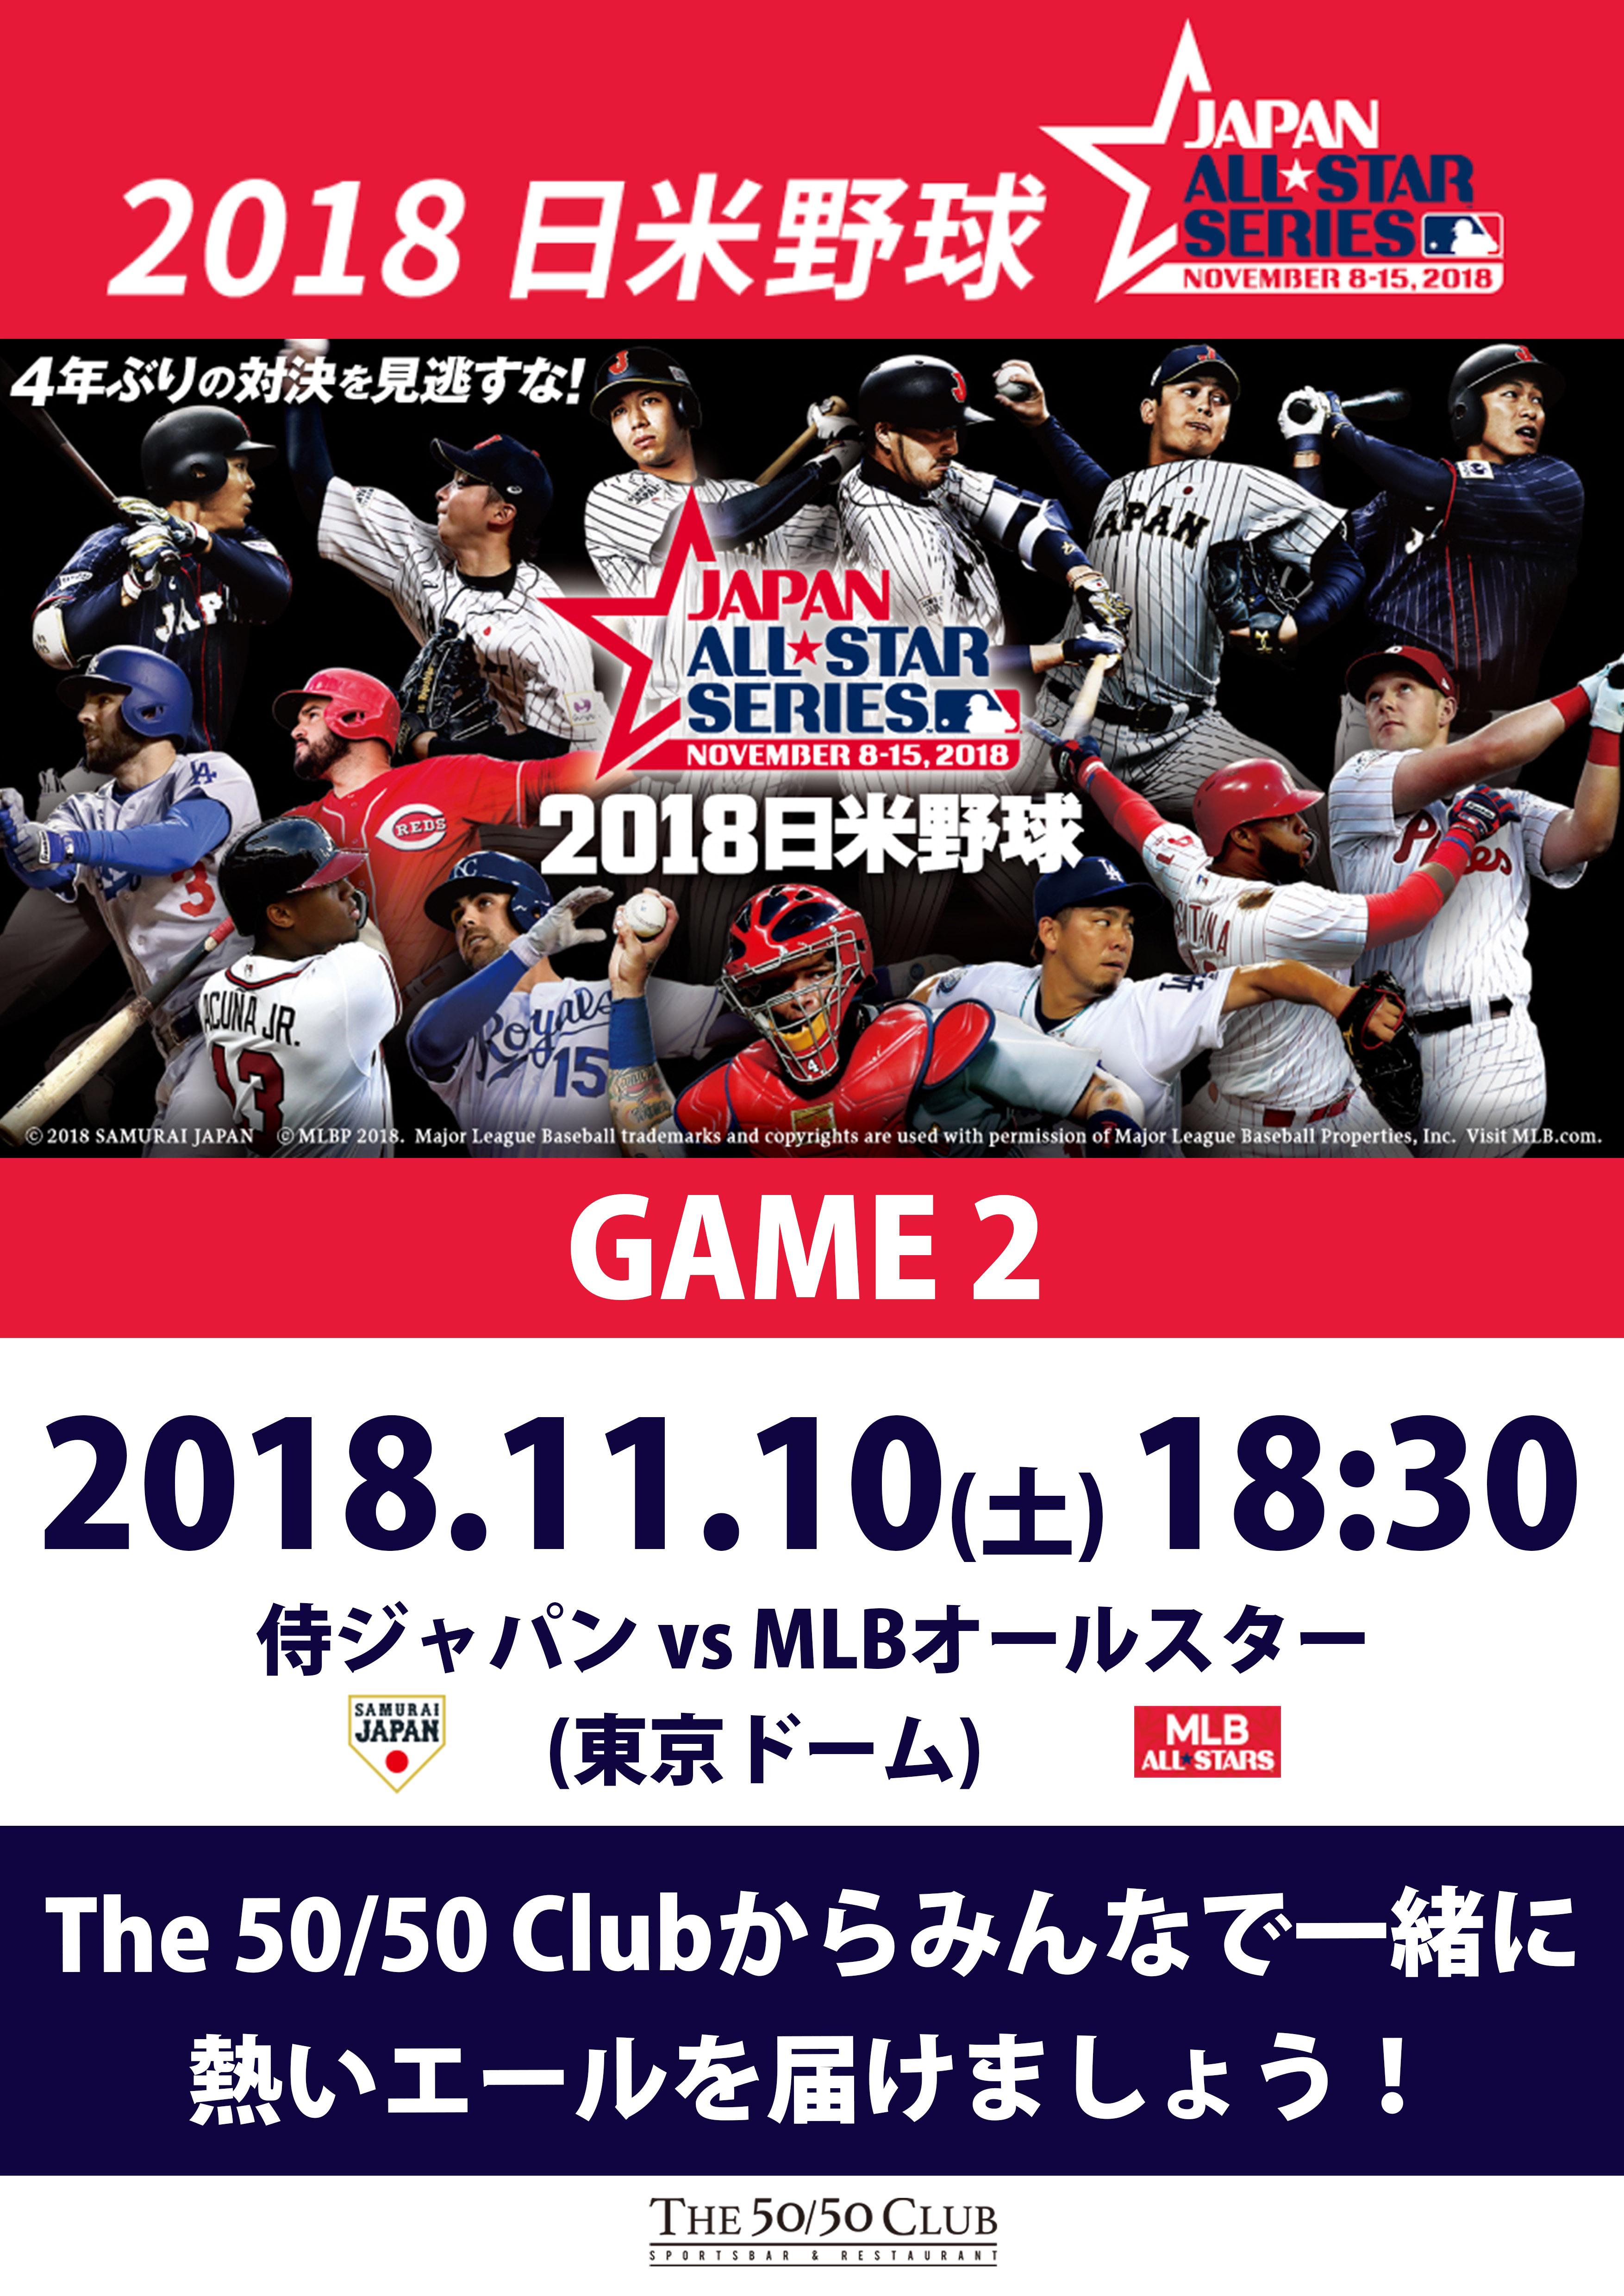 20181110 SAMURAI JAPAN